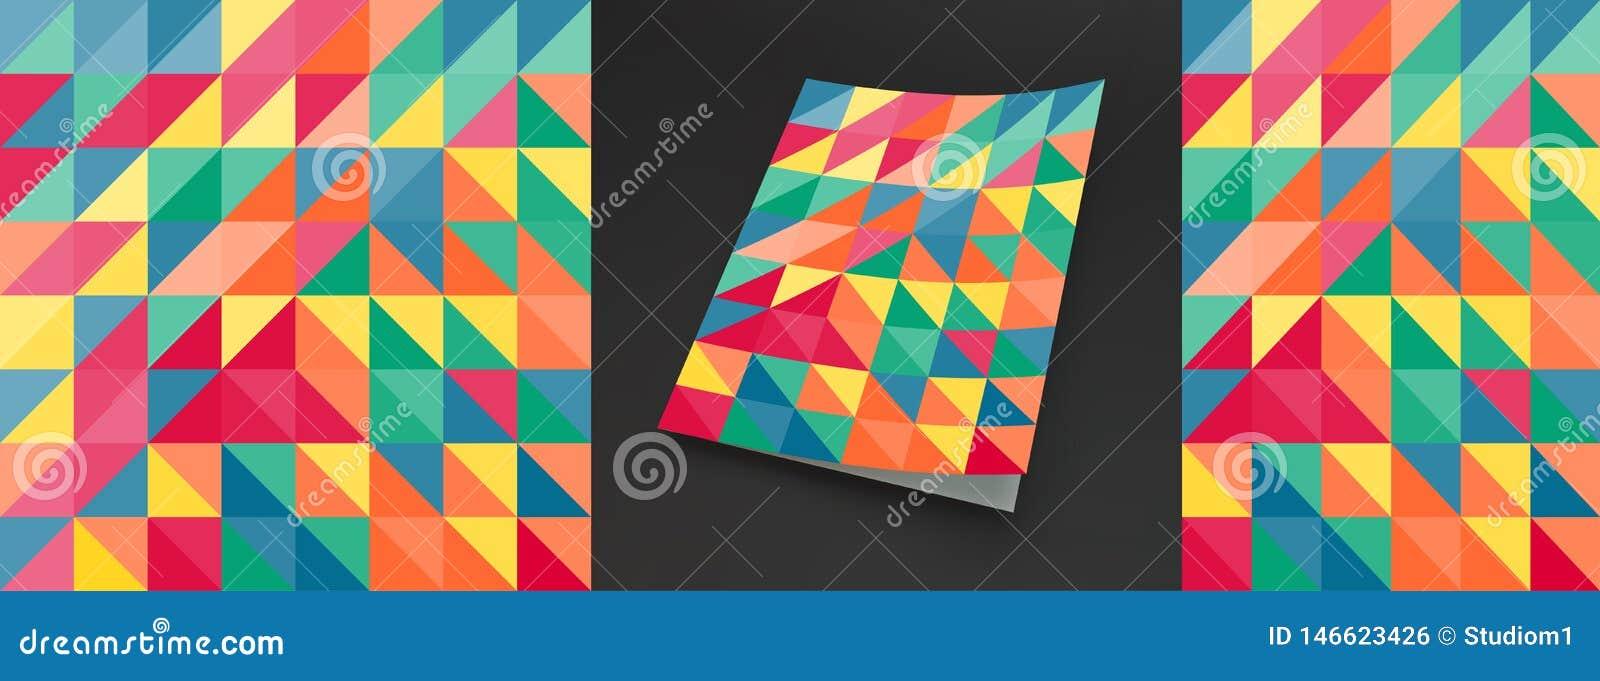 Molde do projeto da tampa para anunciar Projeto geom?trico colorido abstrato O teste padr?o pode ser usado como um molde para o f